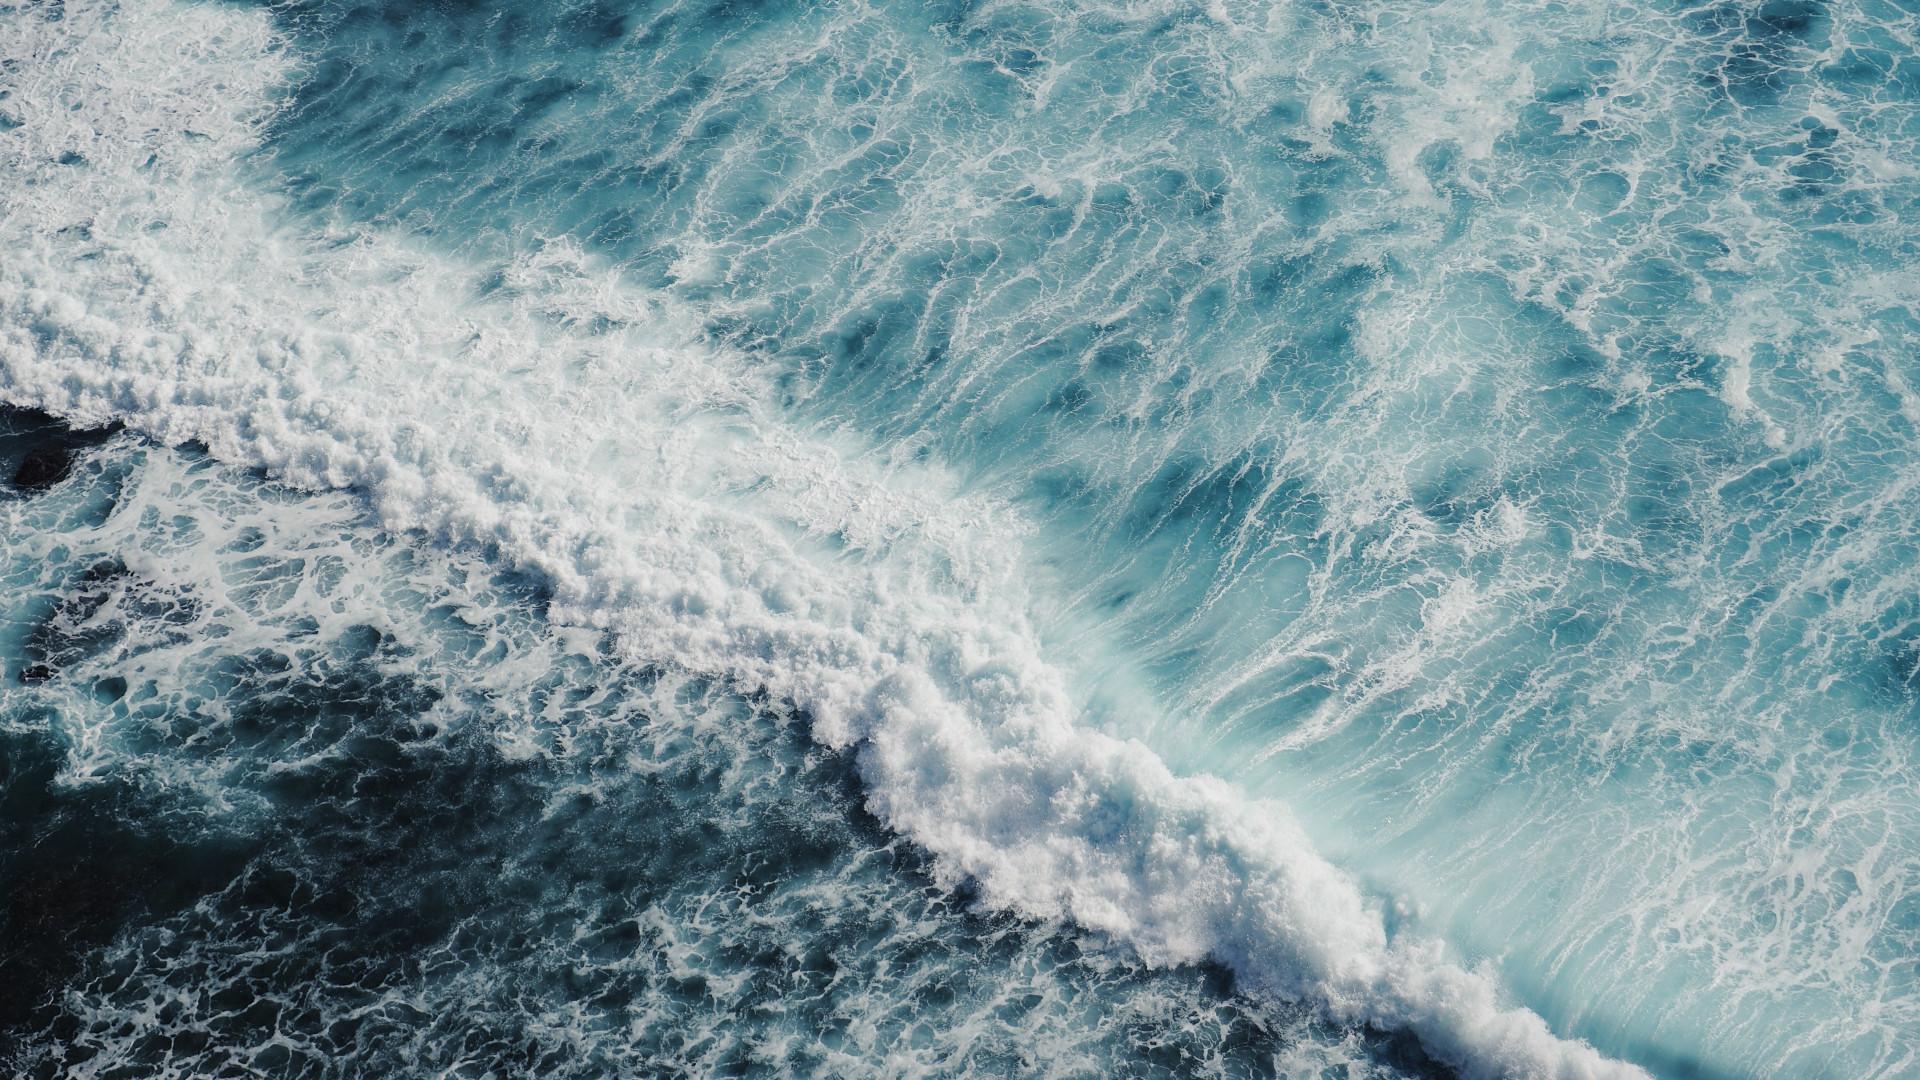 Wallpapers Ocean Wallpapertag